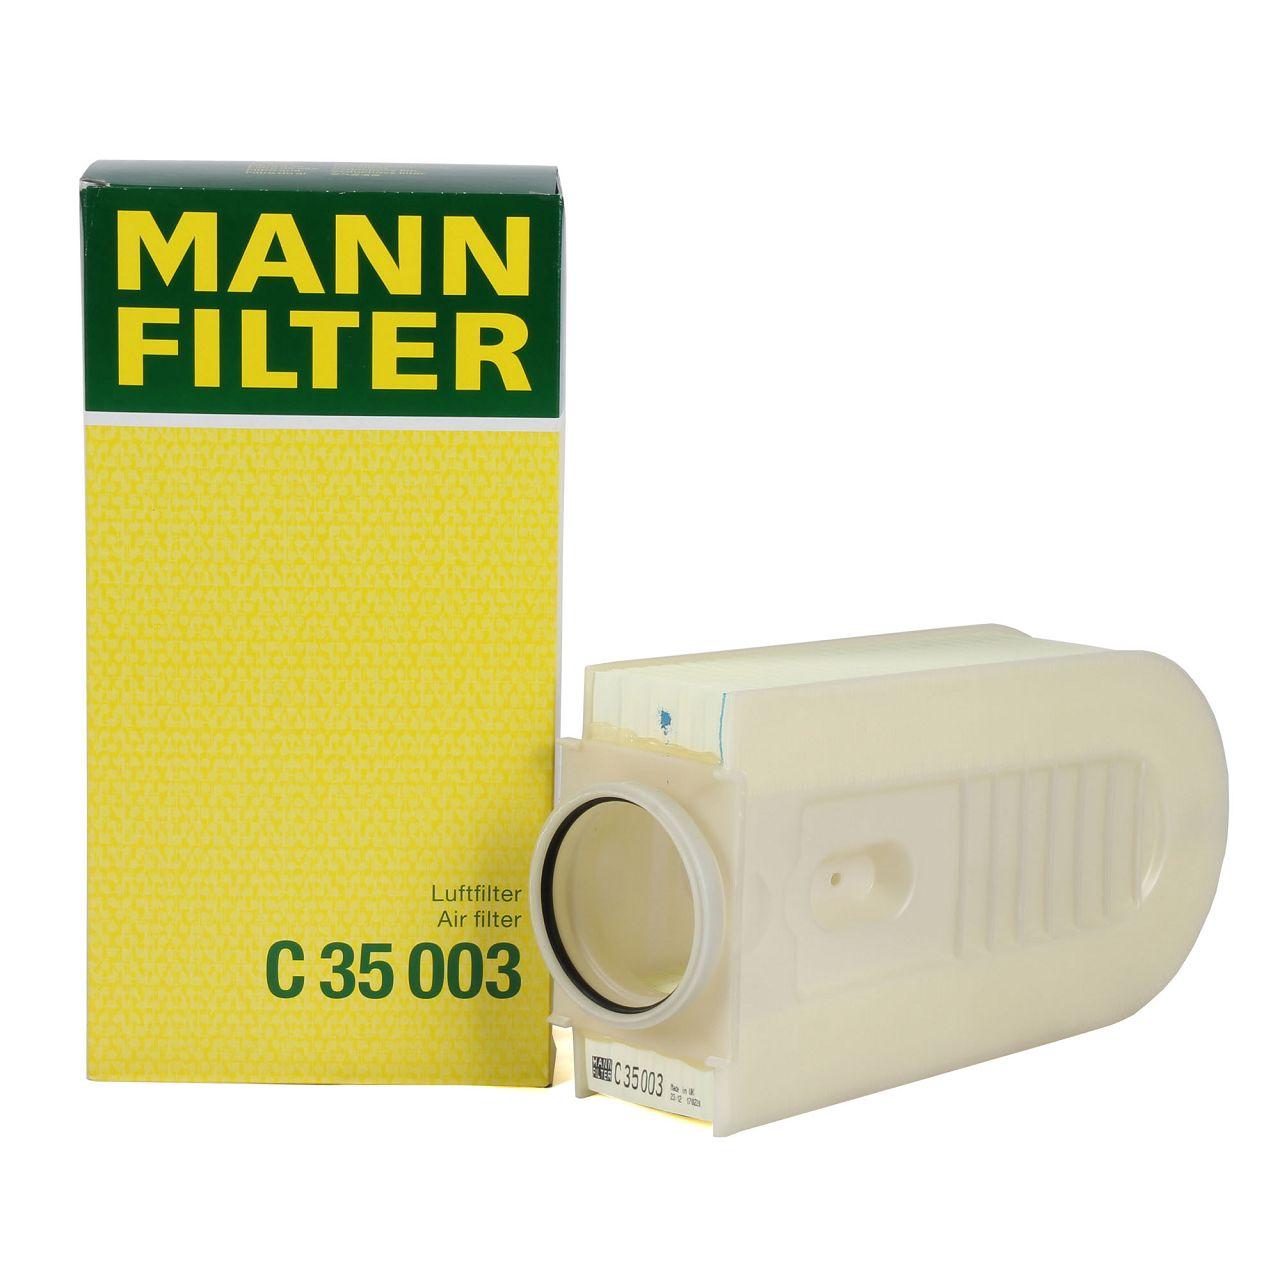 MANN Luftfilter Motorluft C35003 für MERCEDES W204 C/X218 W212 X204 180-250CDI